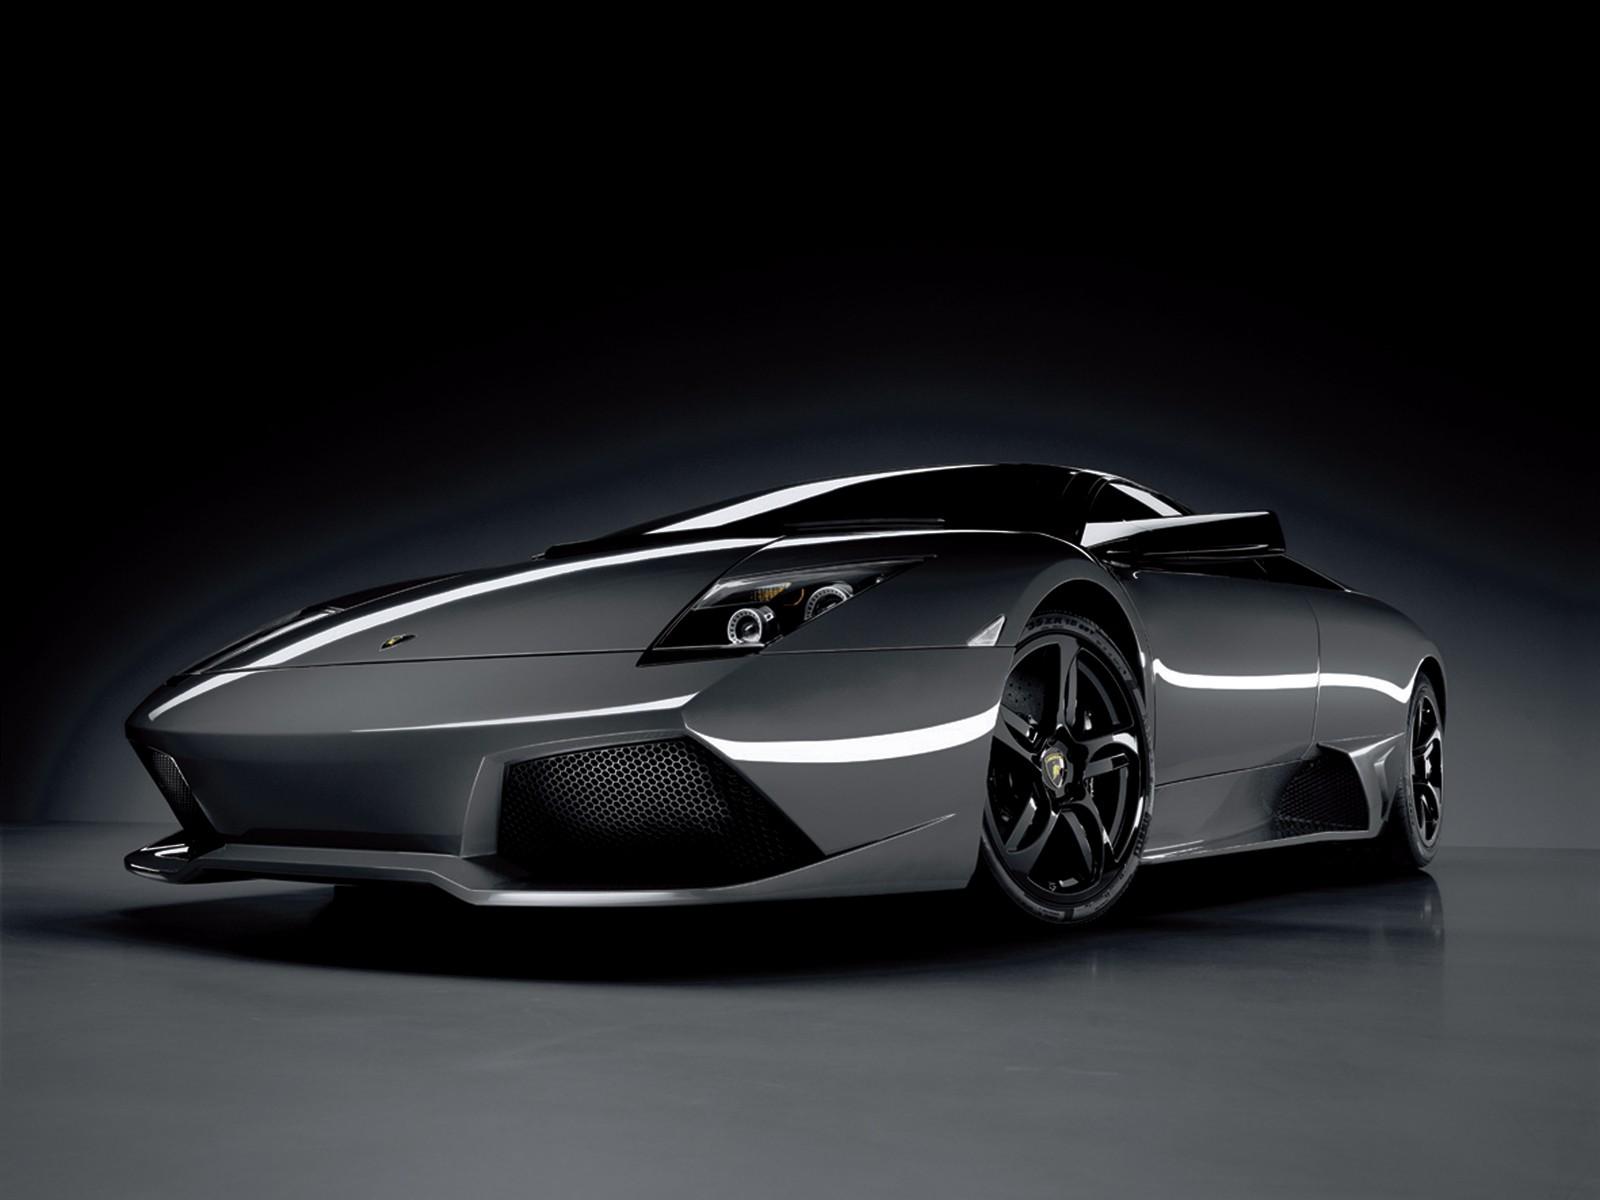 2010-2011 THE Lamborghini-